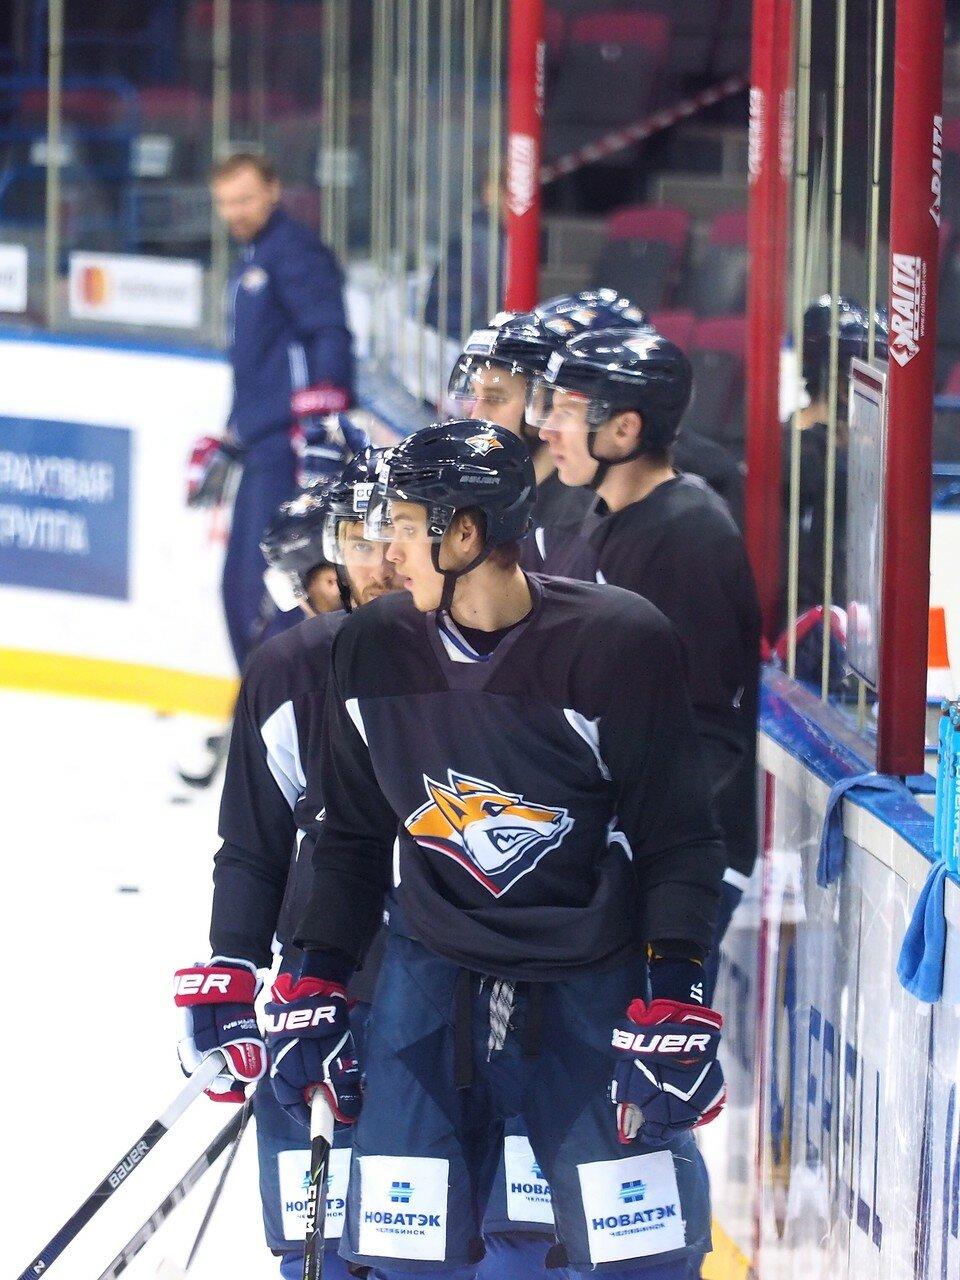 24 Открытая тренировка перед финалом плей-офф восточной конференции КХЛ 2017 22.03.2017